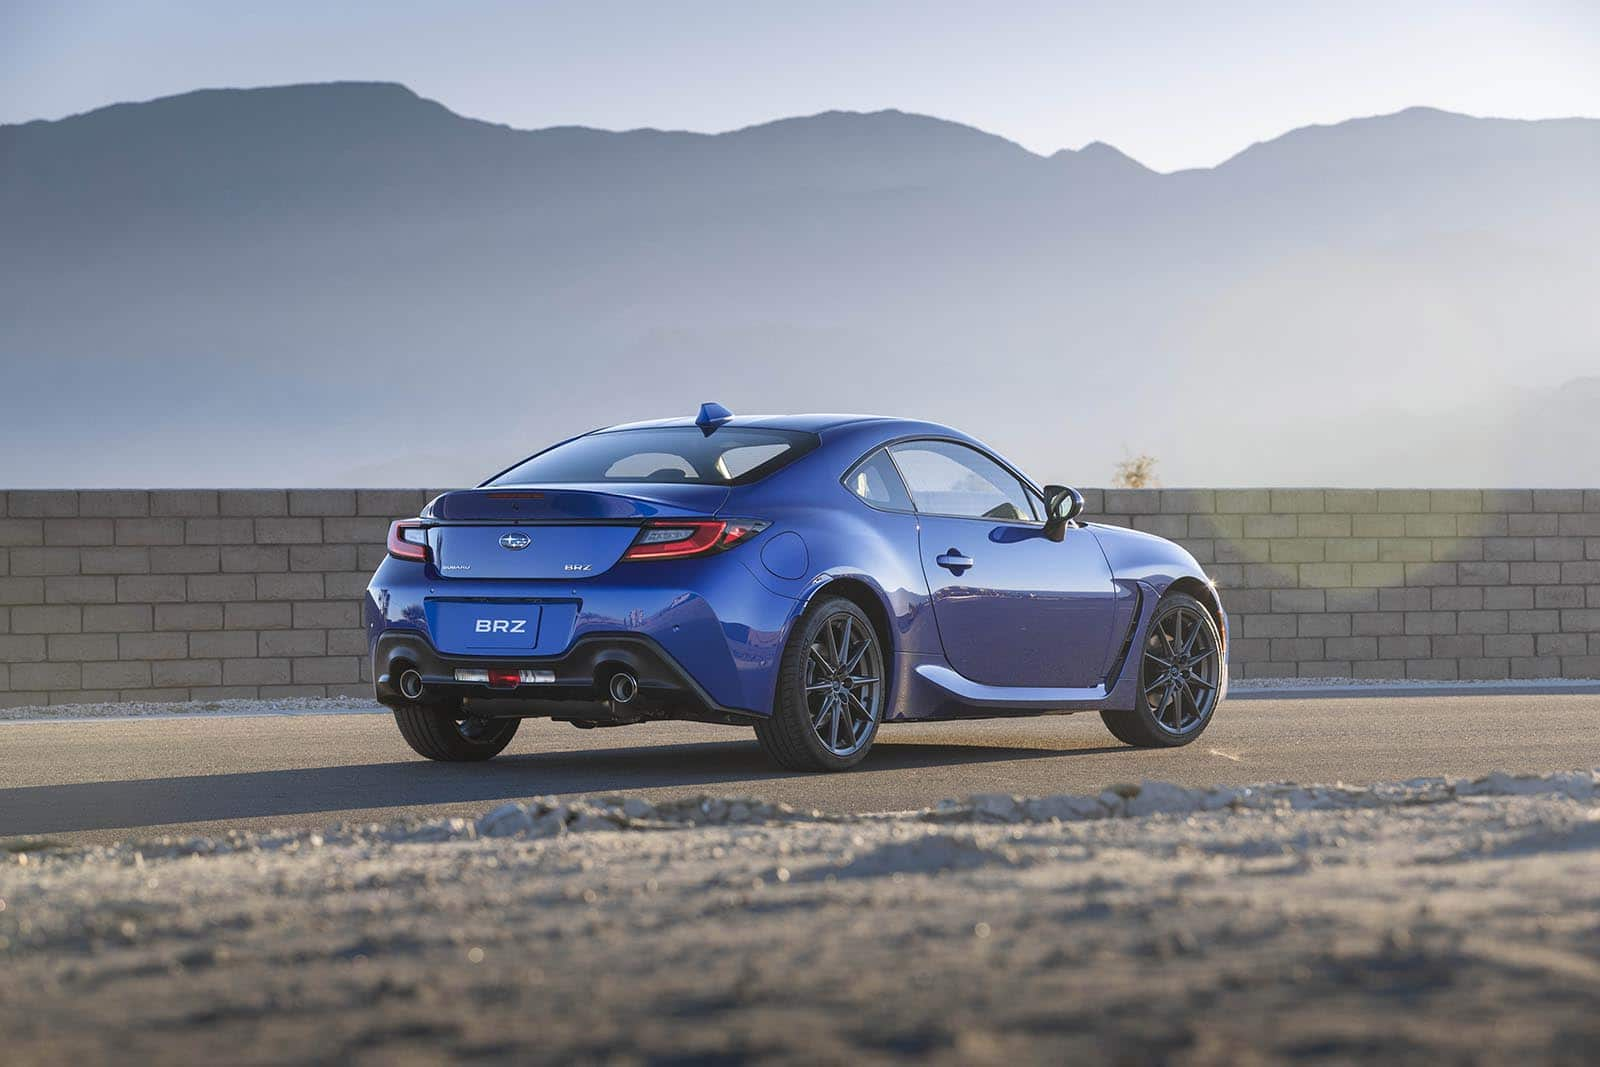 First Look: 2022 Subaru BRZ   The Detroit Bureau